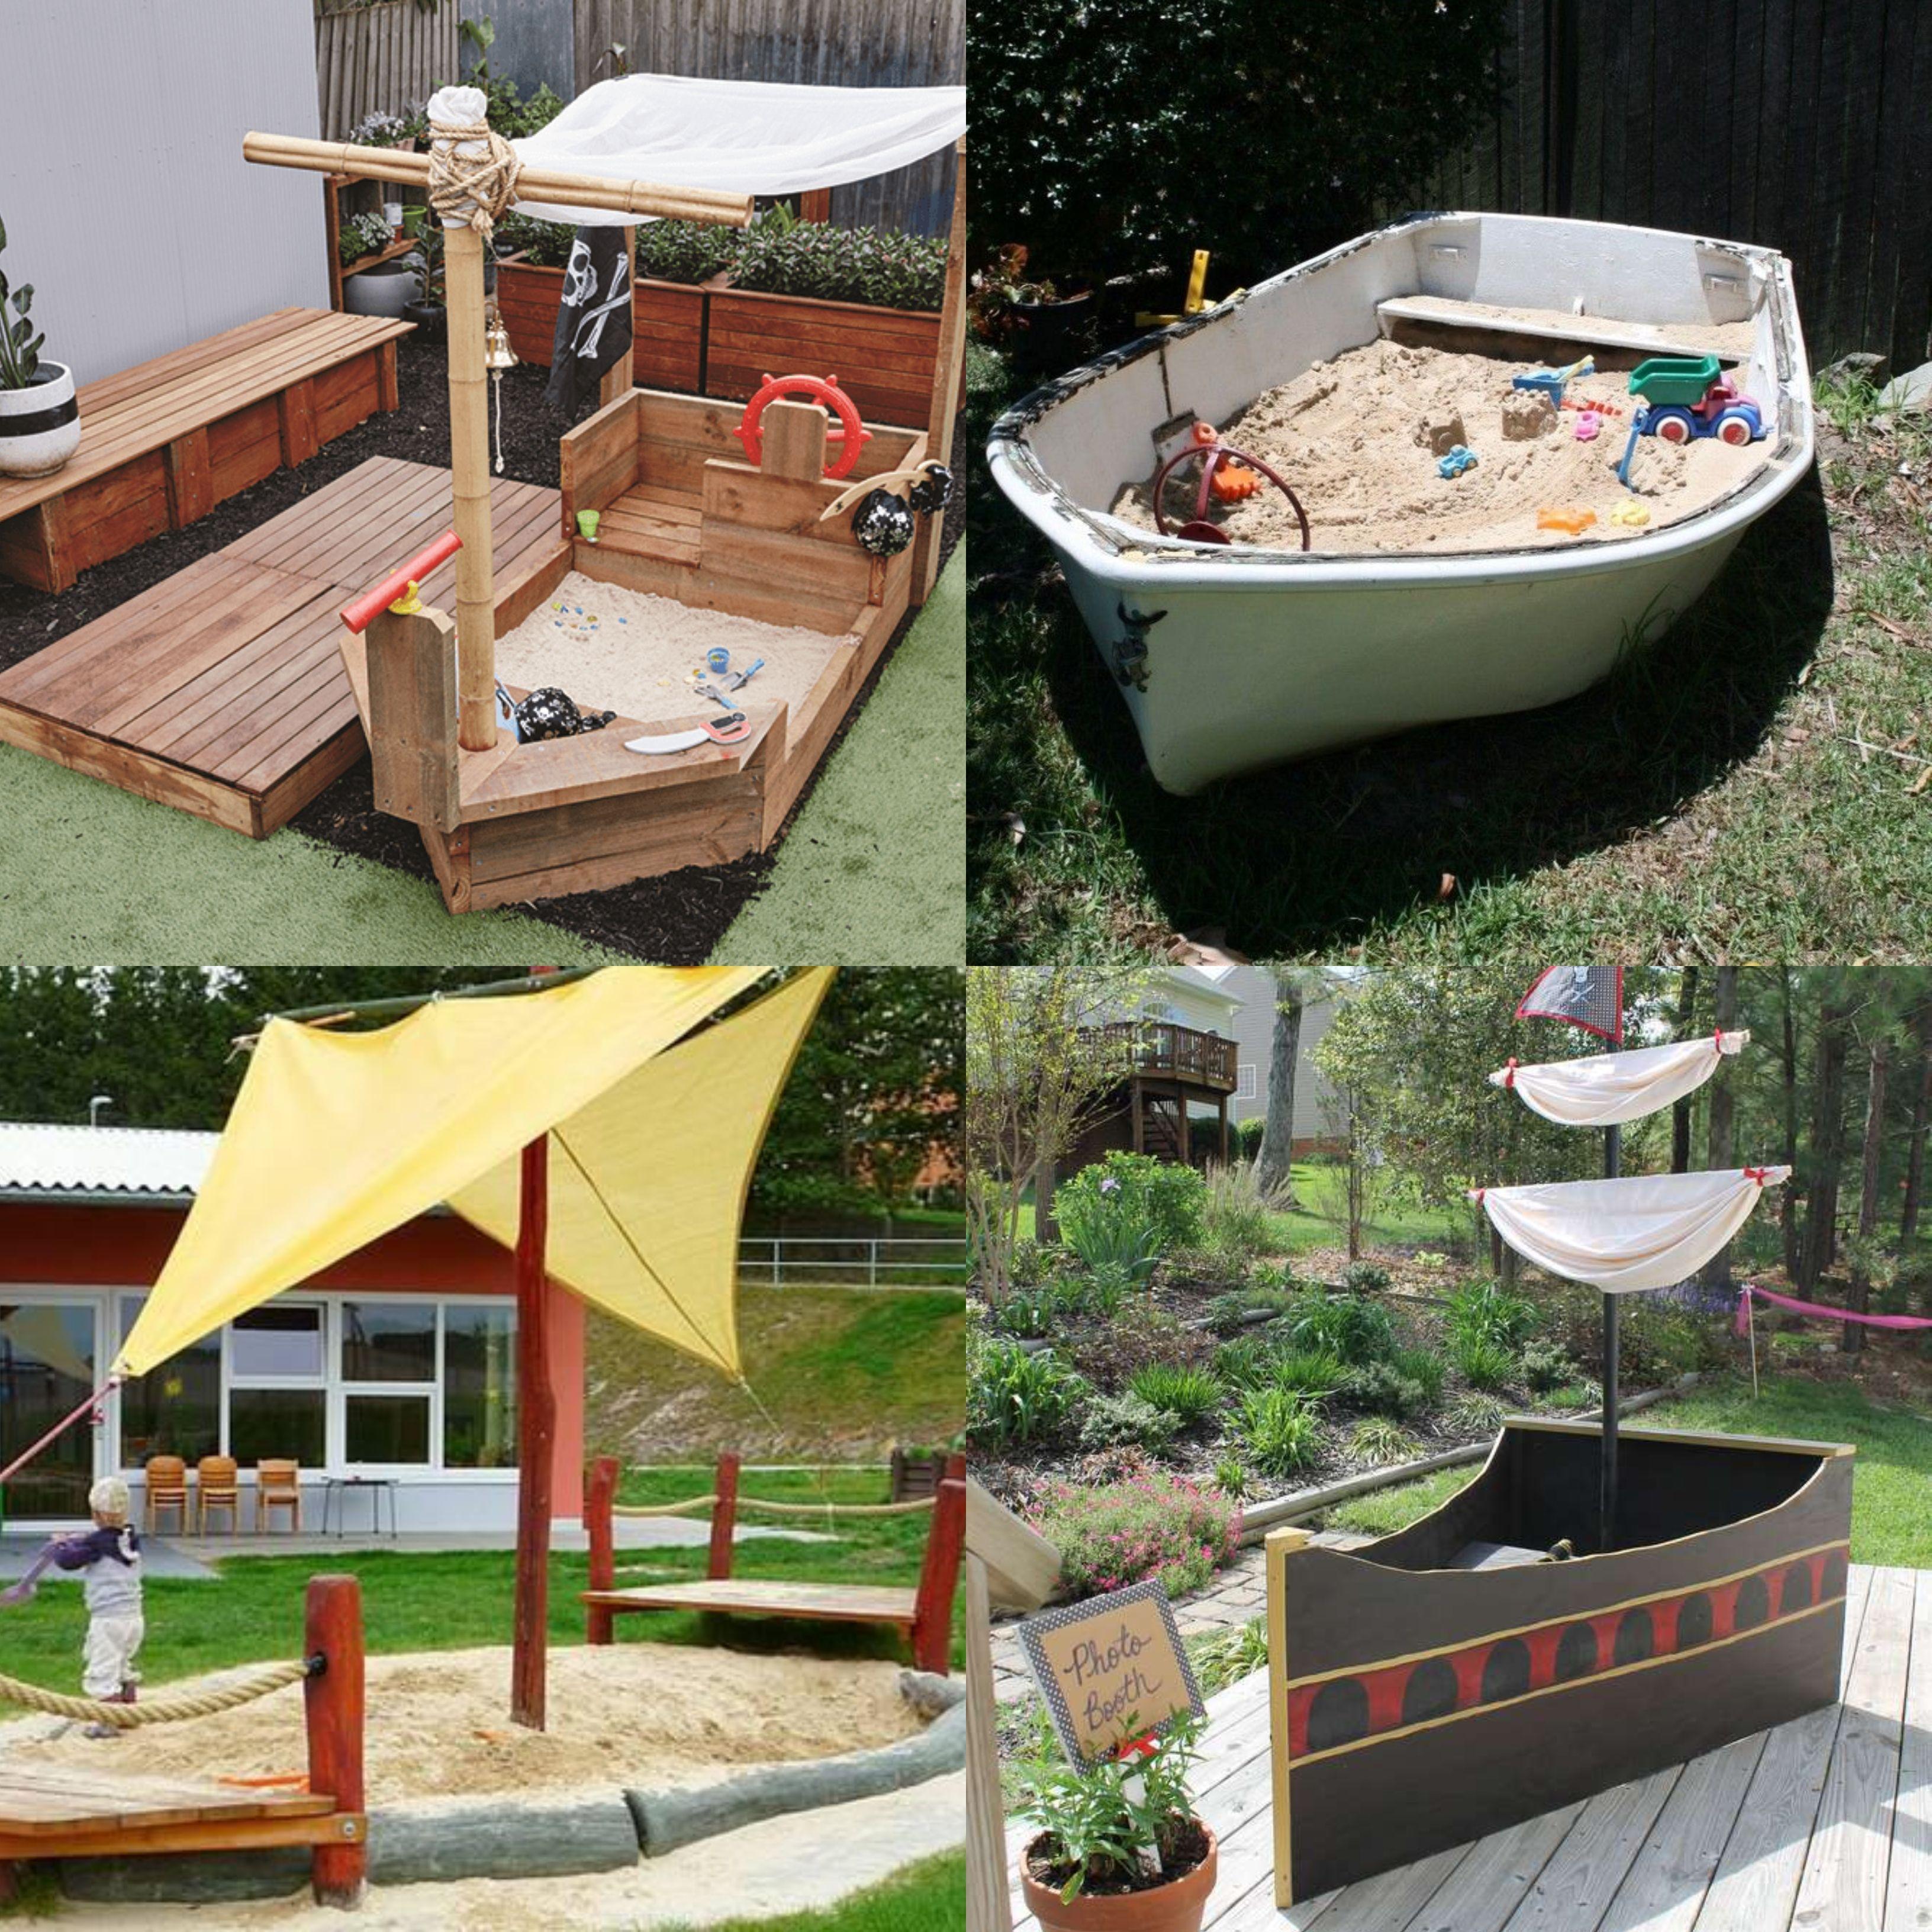 Garten Spielplatz Einfach Anleitung Altes Boot Sandkasten Piratenschiff Selberbauen Diy Sandbox Pi Sandkasten Piratenschiff Garten Spielplatz Spielplatz